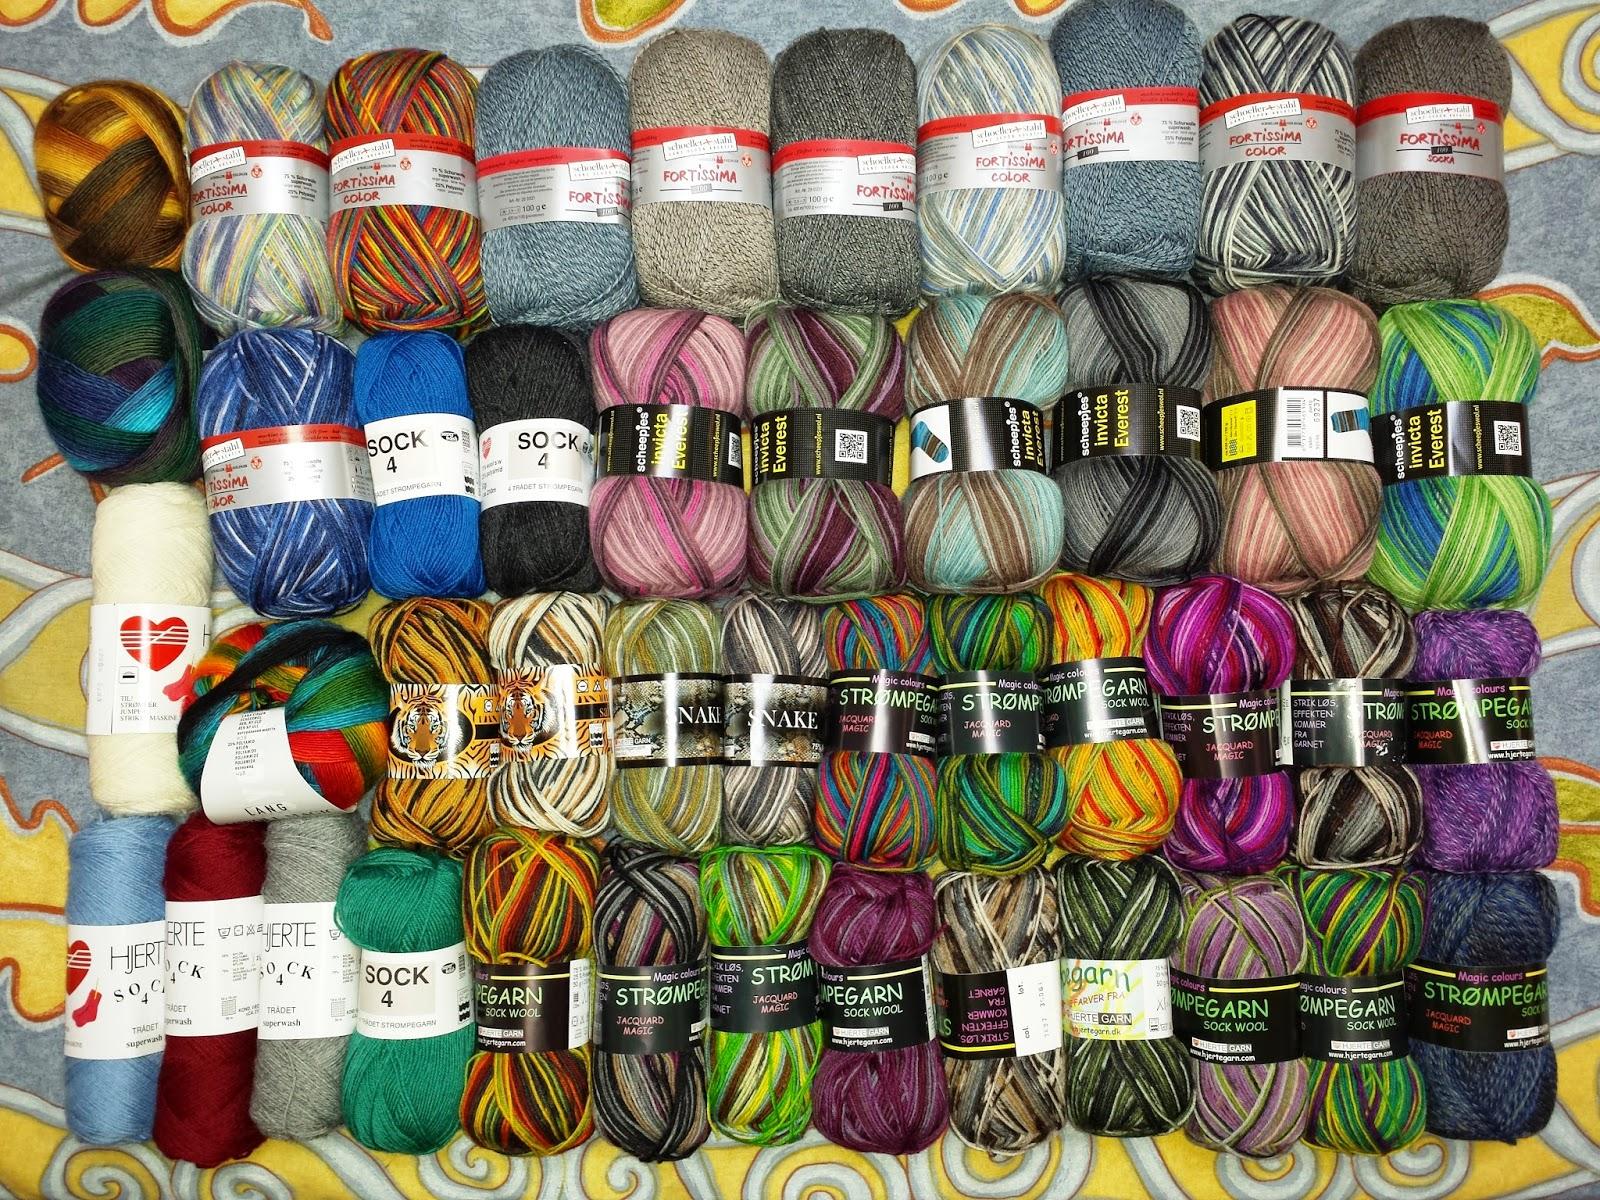 naturalmente lanas: febrero 2015